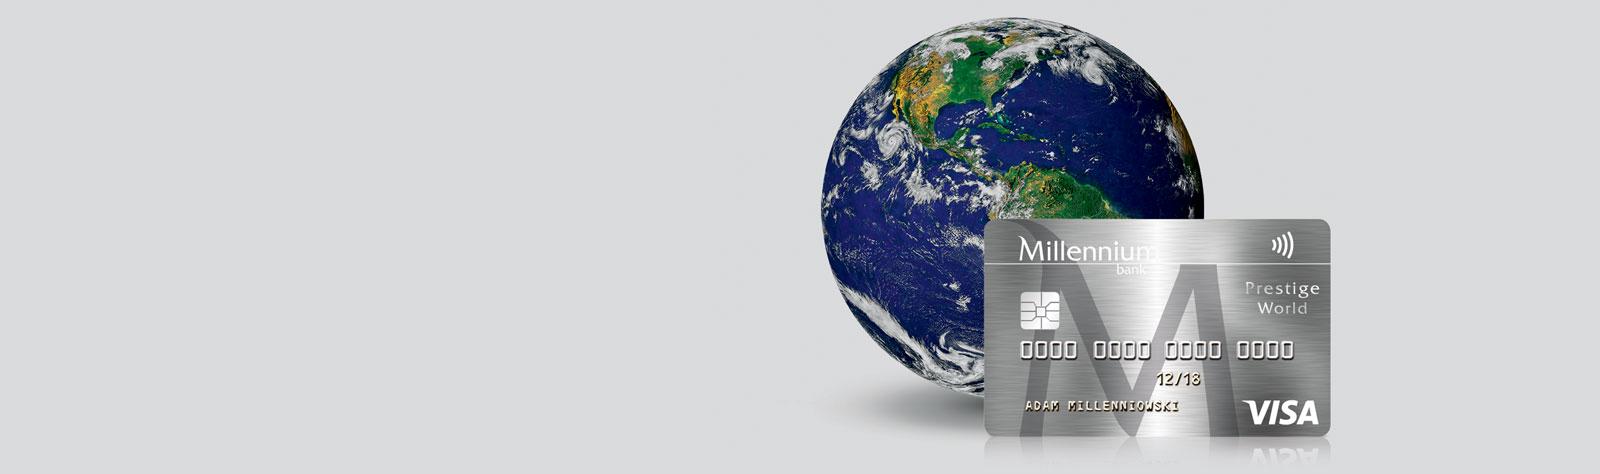 Karta World.Karta Debetowa Millennium Visa Prestige World Bank Millennium